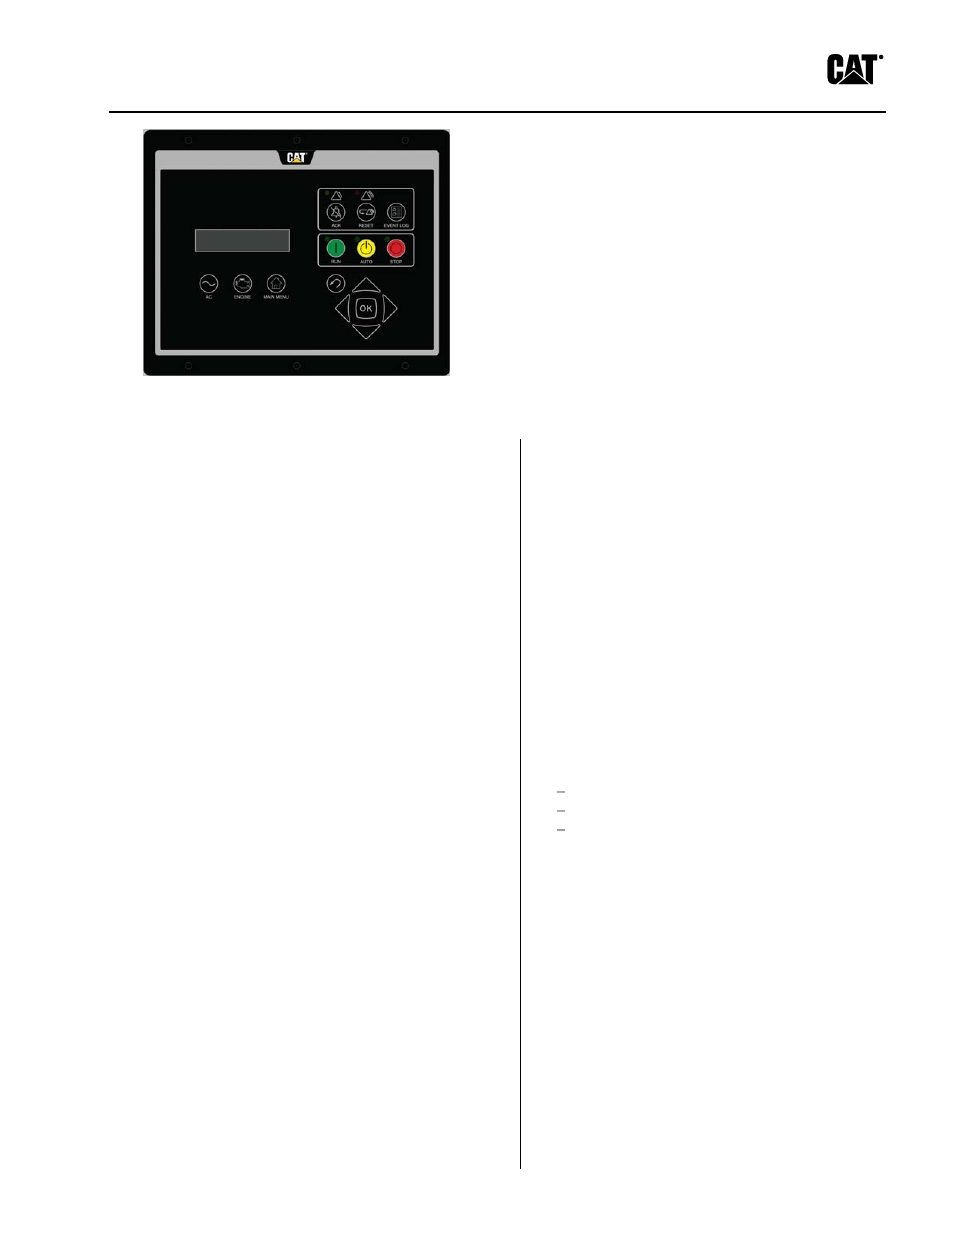 Milton CAT D100-6_S 100 kW EMCP4.2 Engine__Gen Control